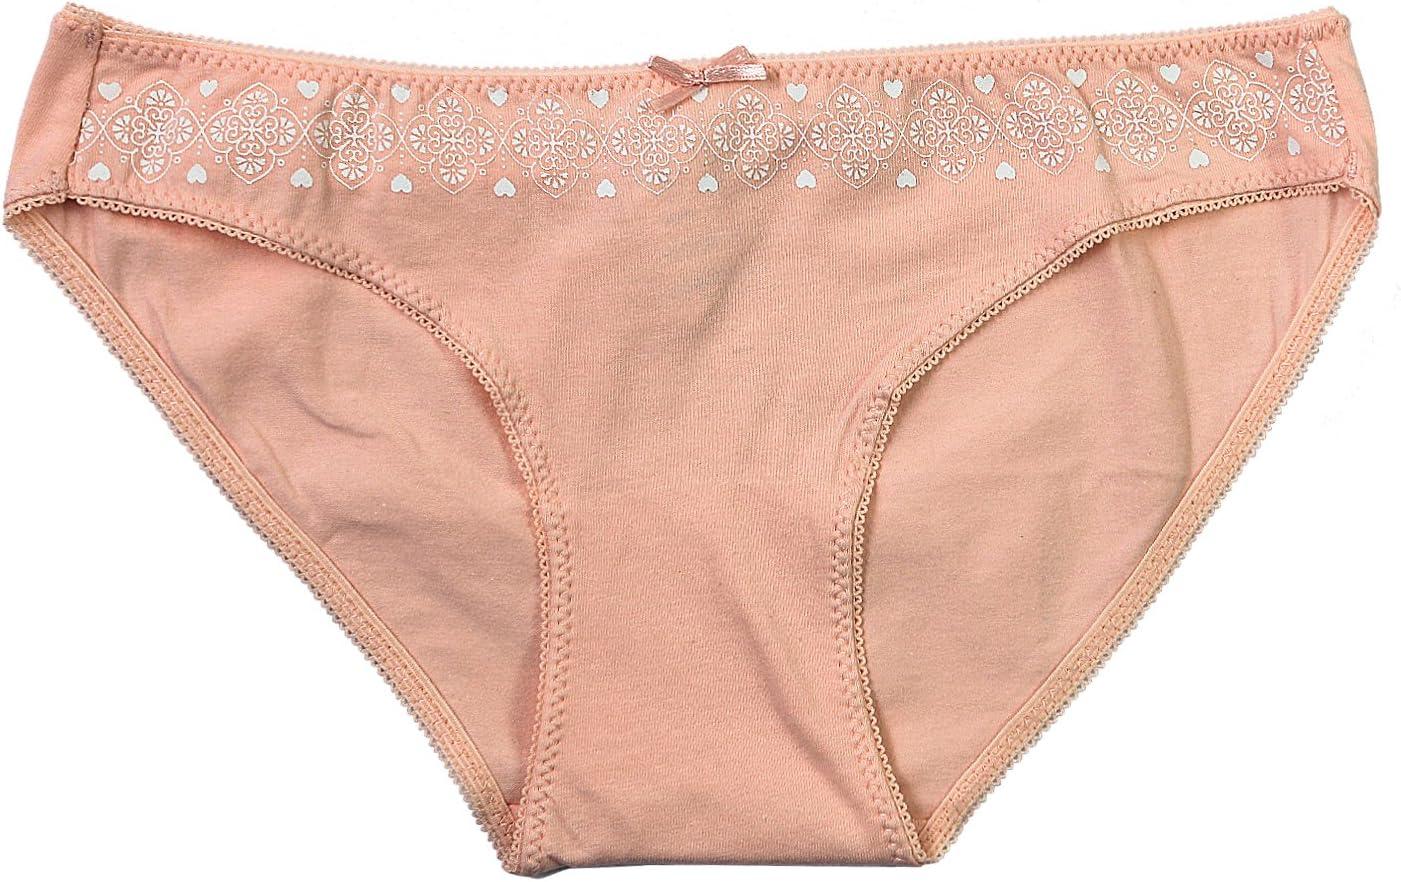 Confezione da 6 Colori ABClothing Underwear Bikini in Cotone a Vita Bassa Donna